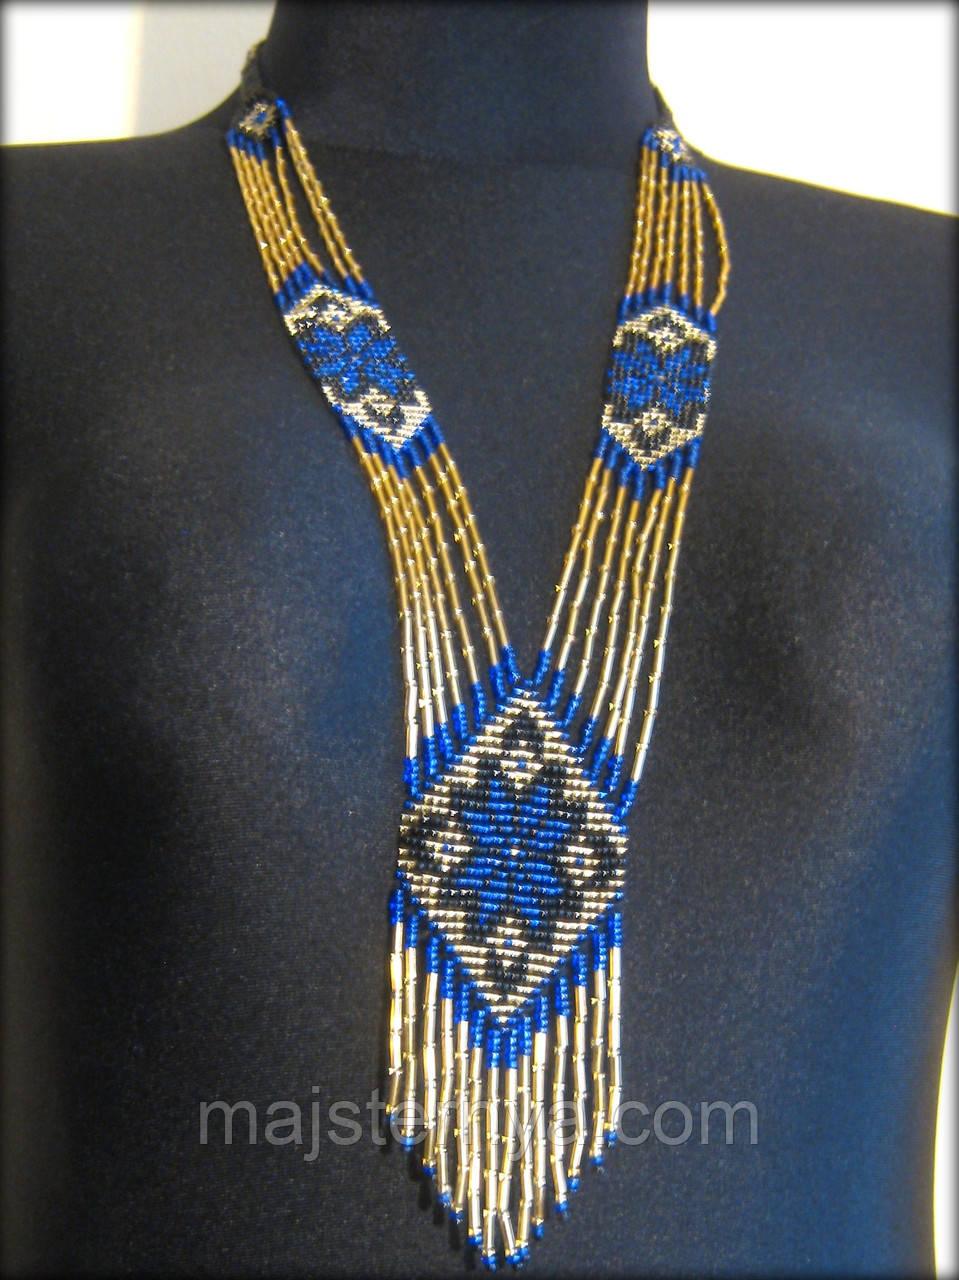 Гердан, намисто з бісеру(синього, золотистого, чорного кольорів), ручна робота